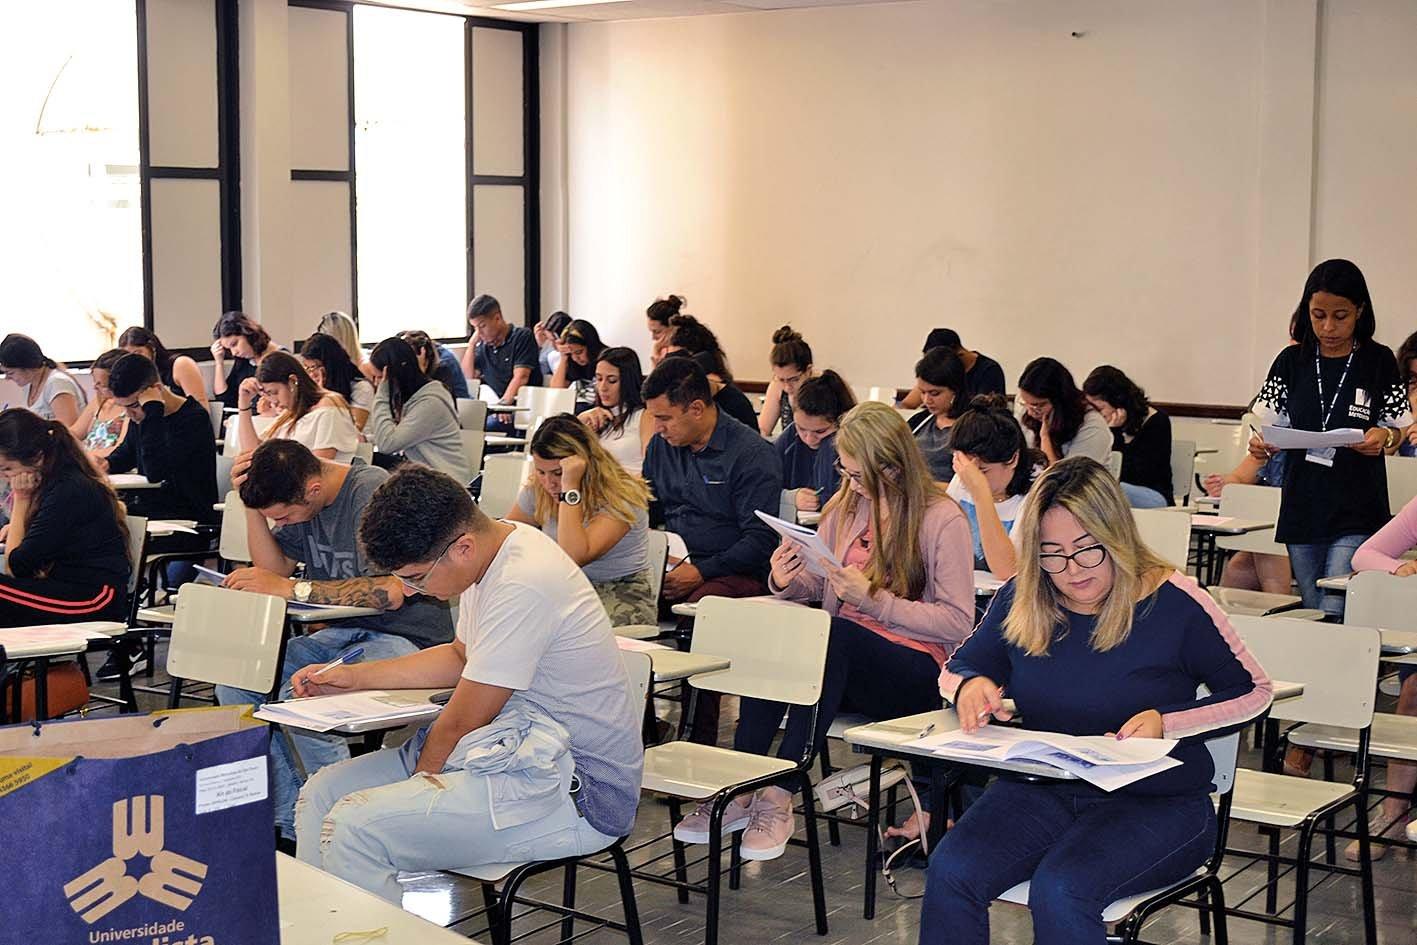 Conheça a Educação Metodista no Brasil